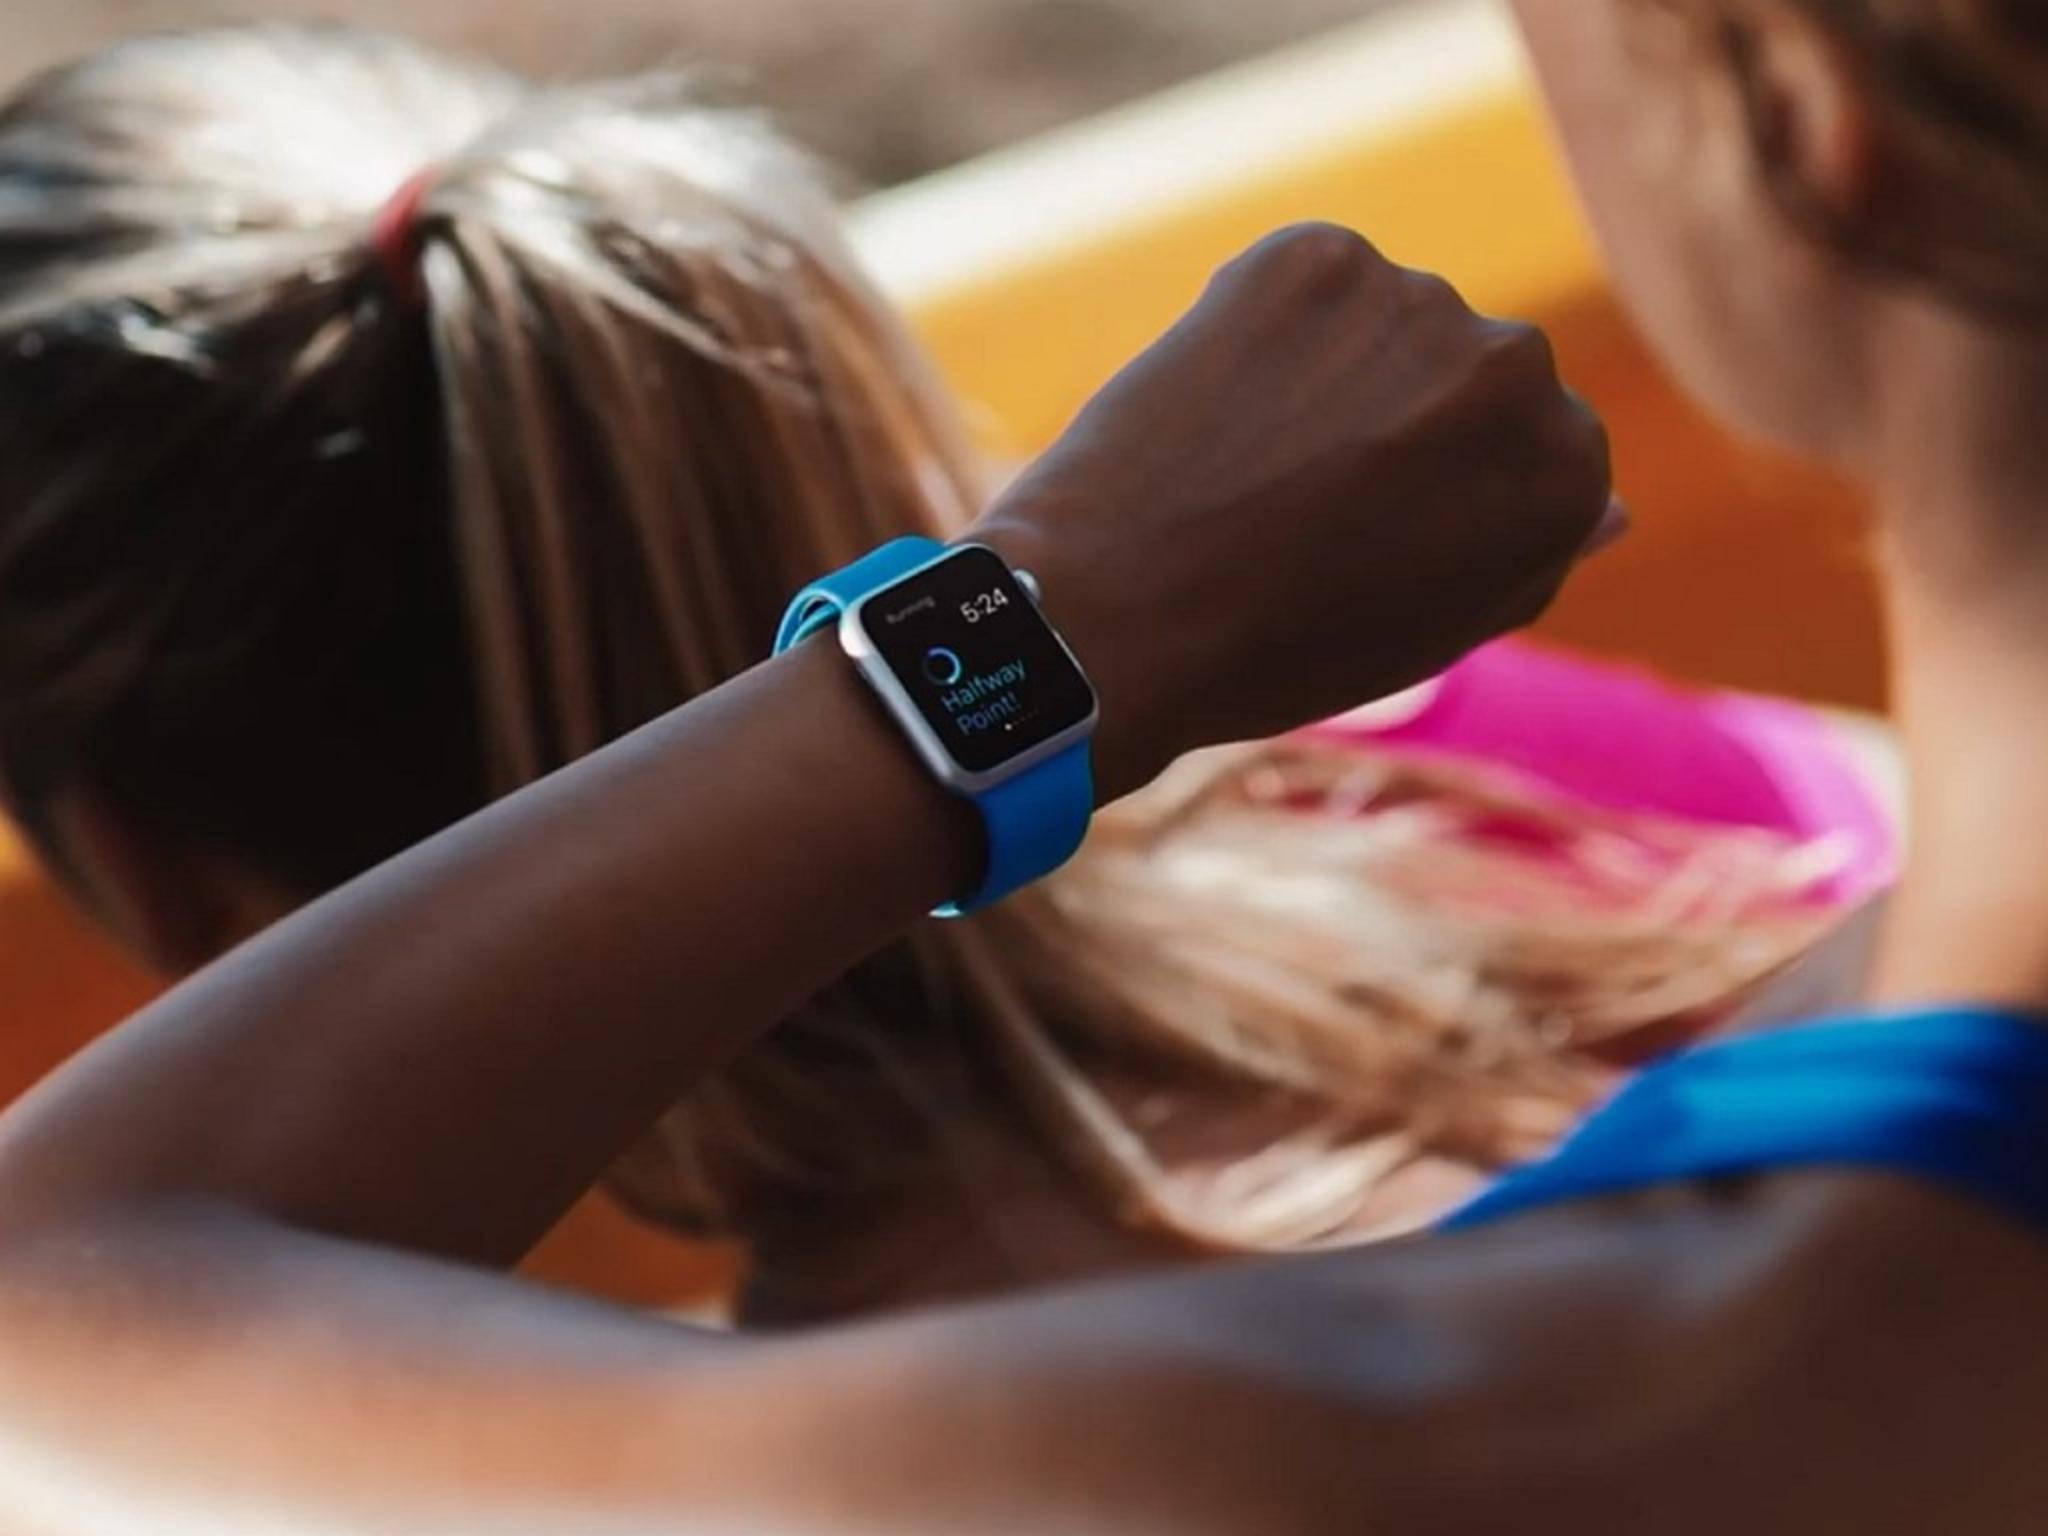 Nach dem Joggen mit der Apple Watch duschen gehen? Laut Tim Cook ist das kein Problem.